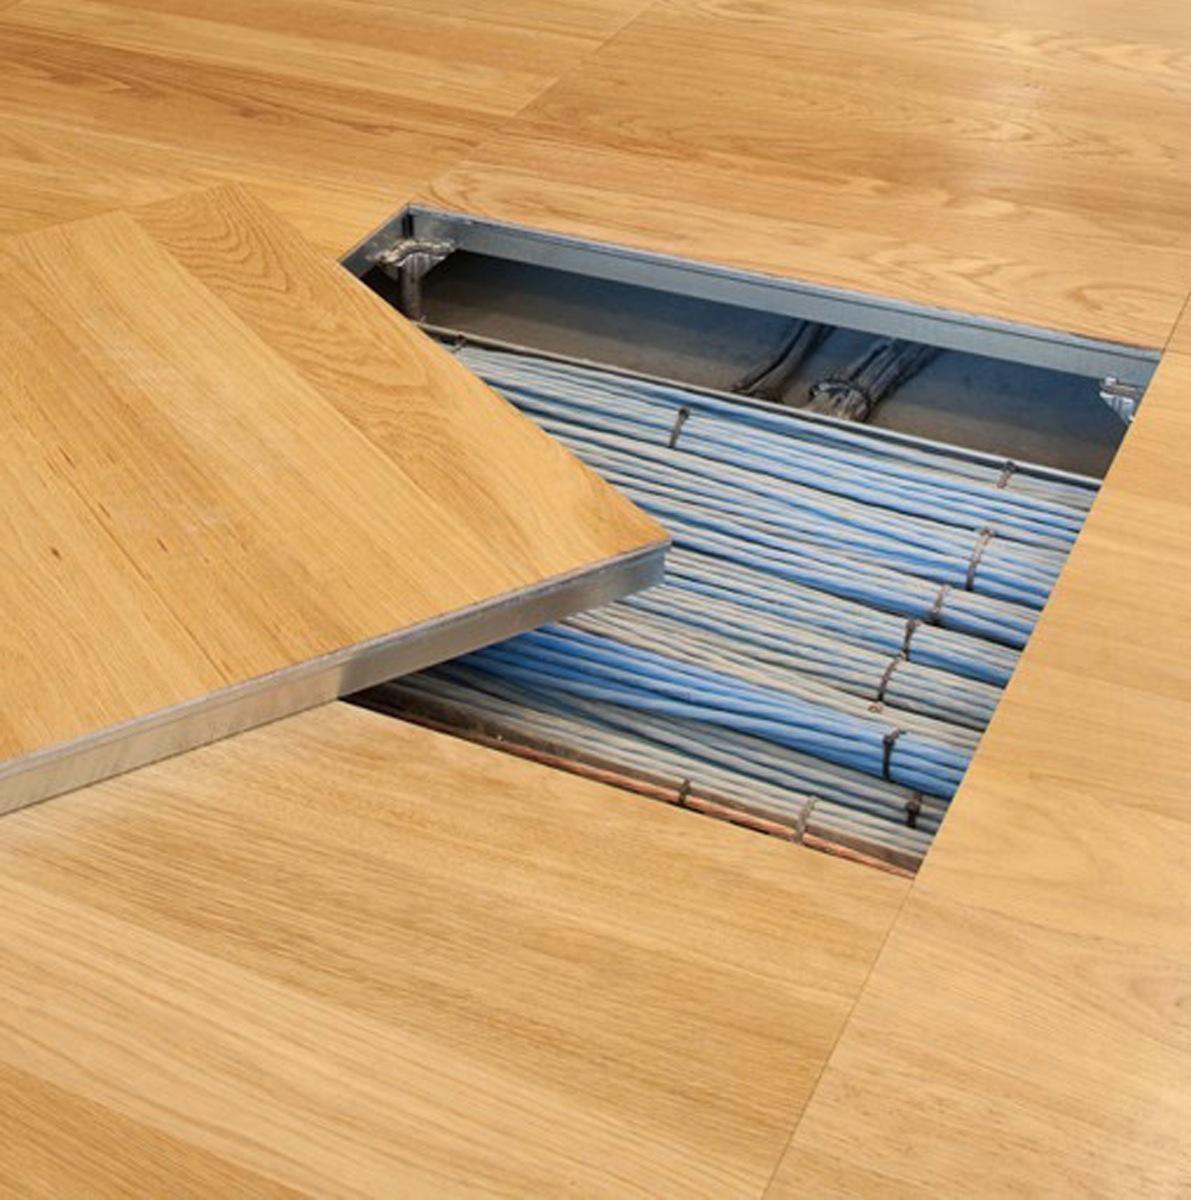 Grâce aux dalles repositionnables, on peut à tout moment accéder aux  installations électriques. Photo ©Comey